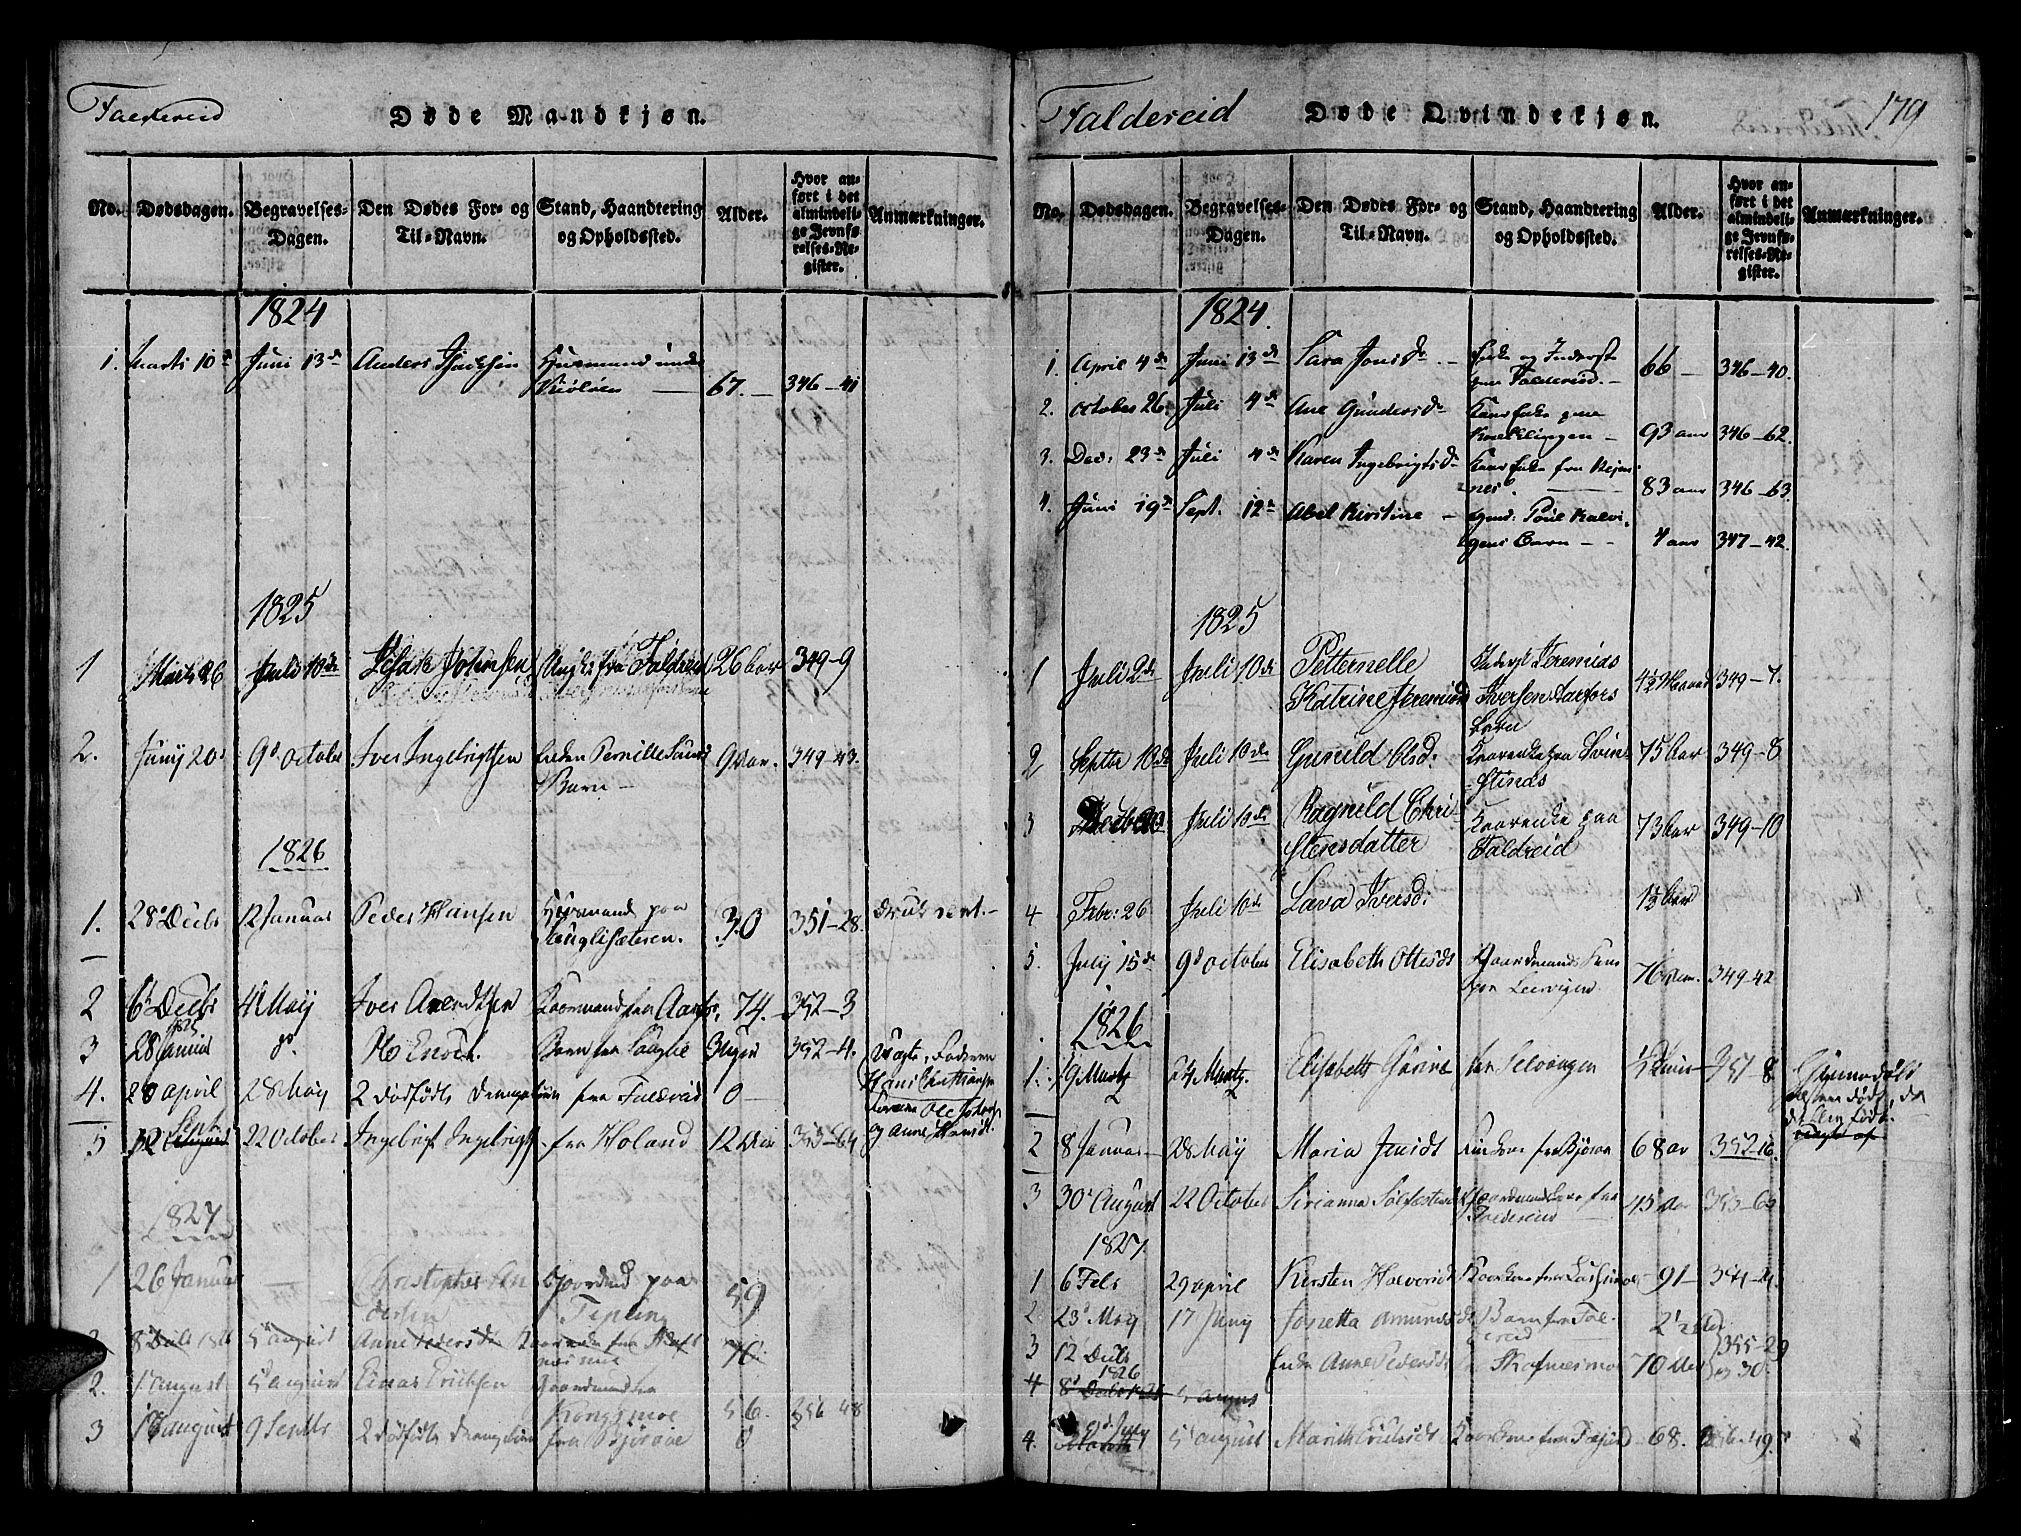 SAT, Ministerialprotokoller, klokkerbøker og fødselsregistre - Nord-Trøndelag, 780/L0636: Ministerialbok nr. 780A03 /3, 1815-1829, s. 179